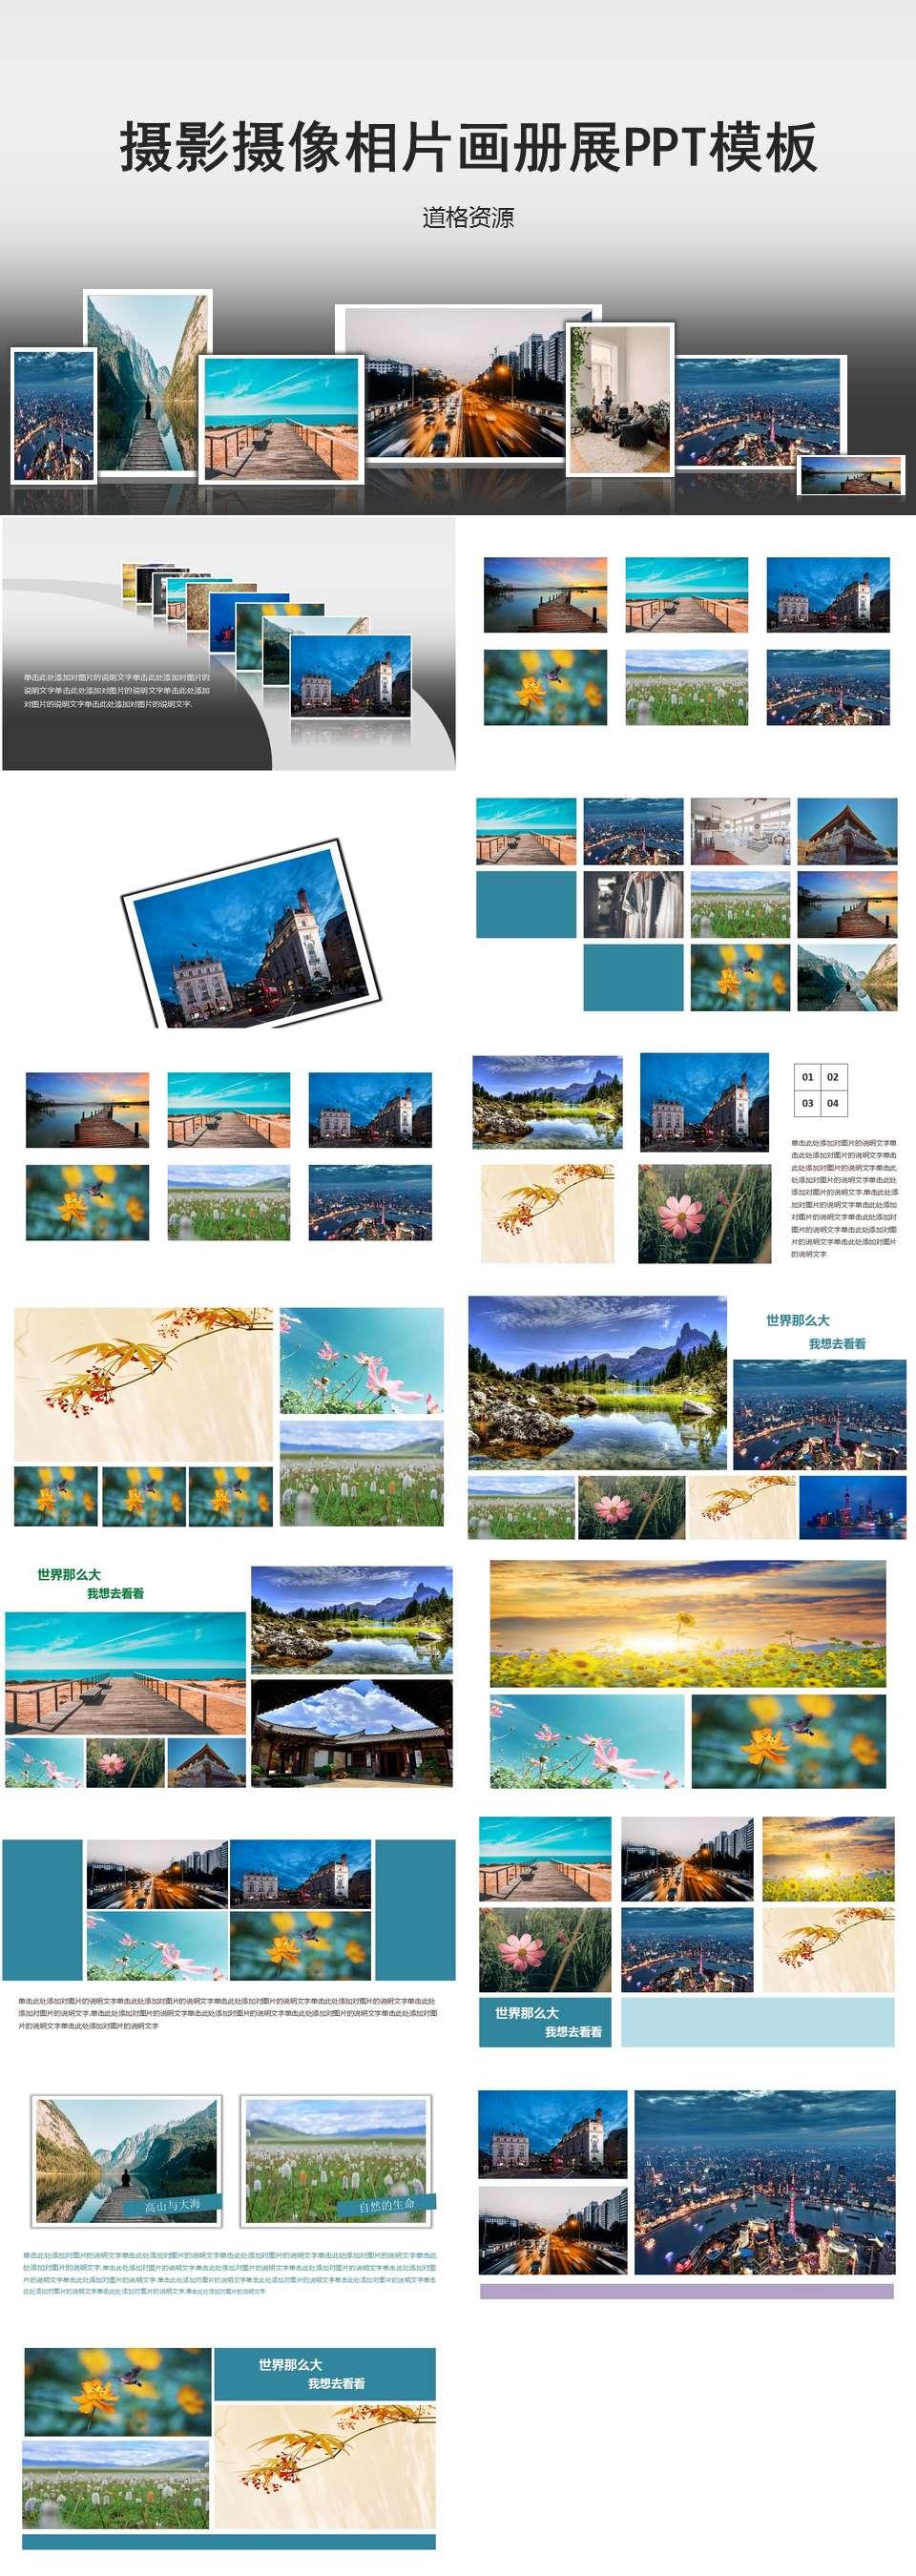 旅游相册PPT模板插图1